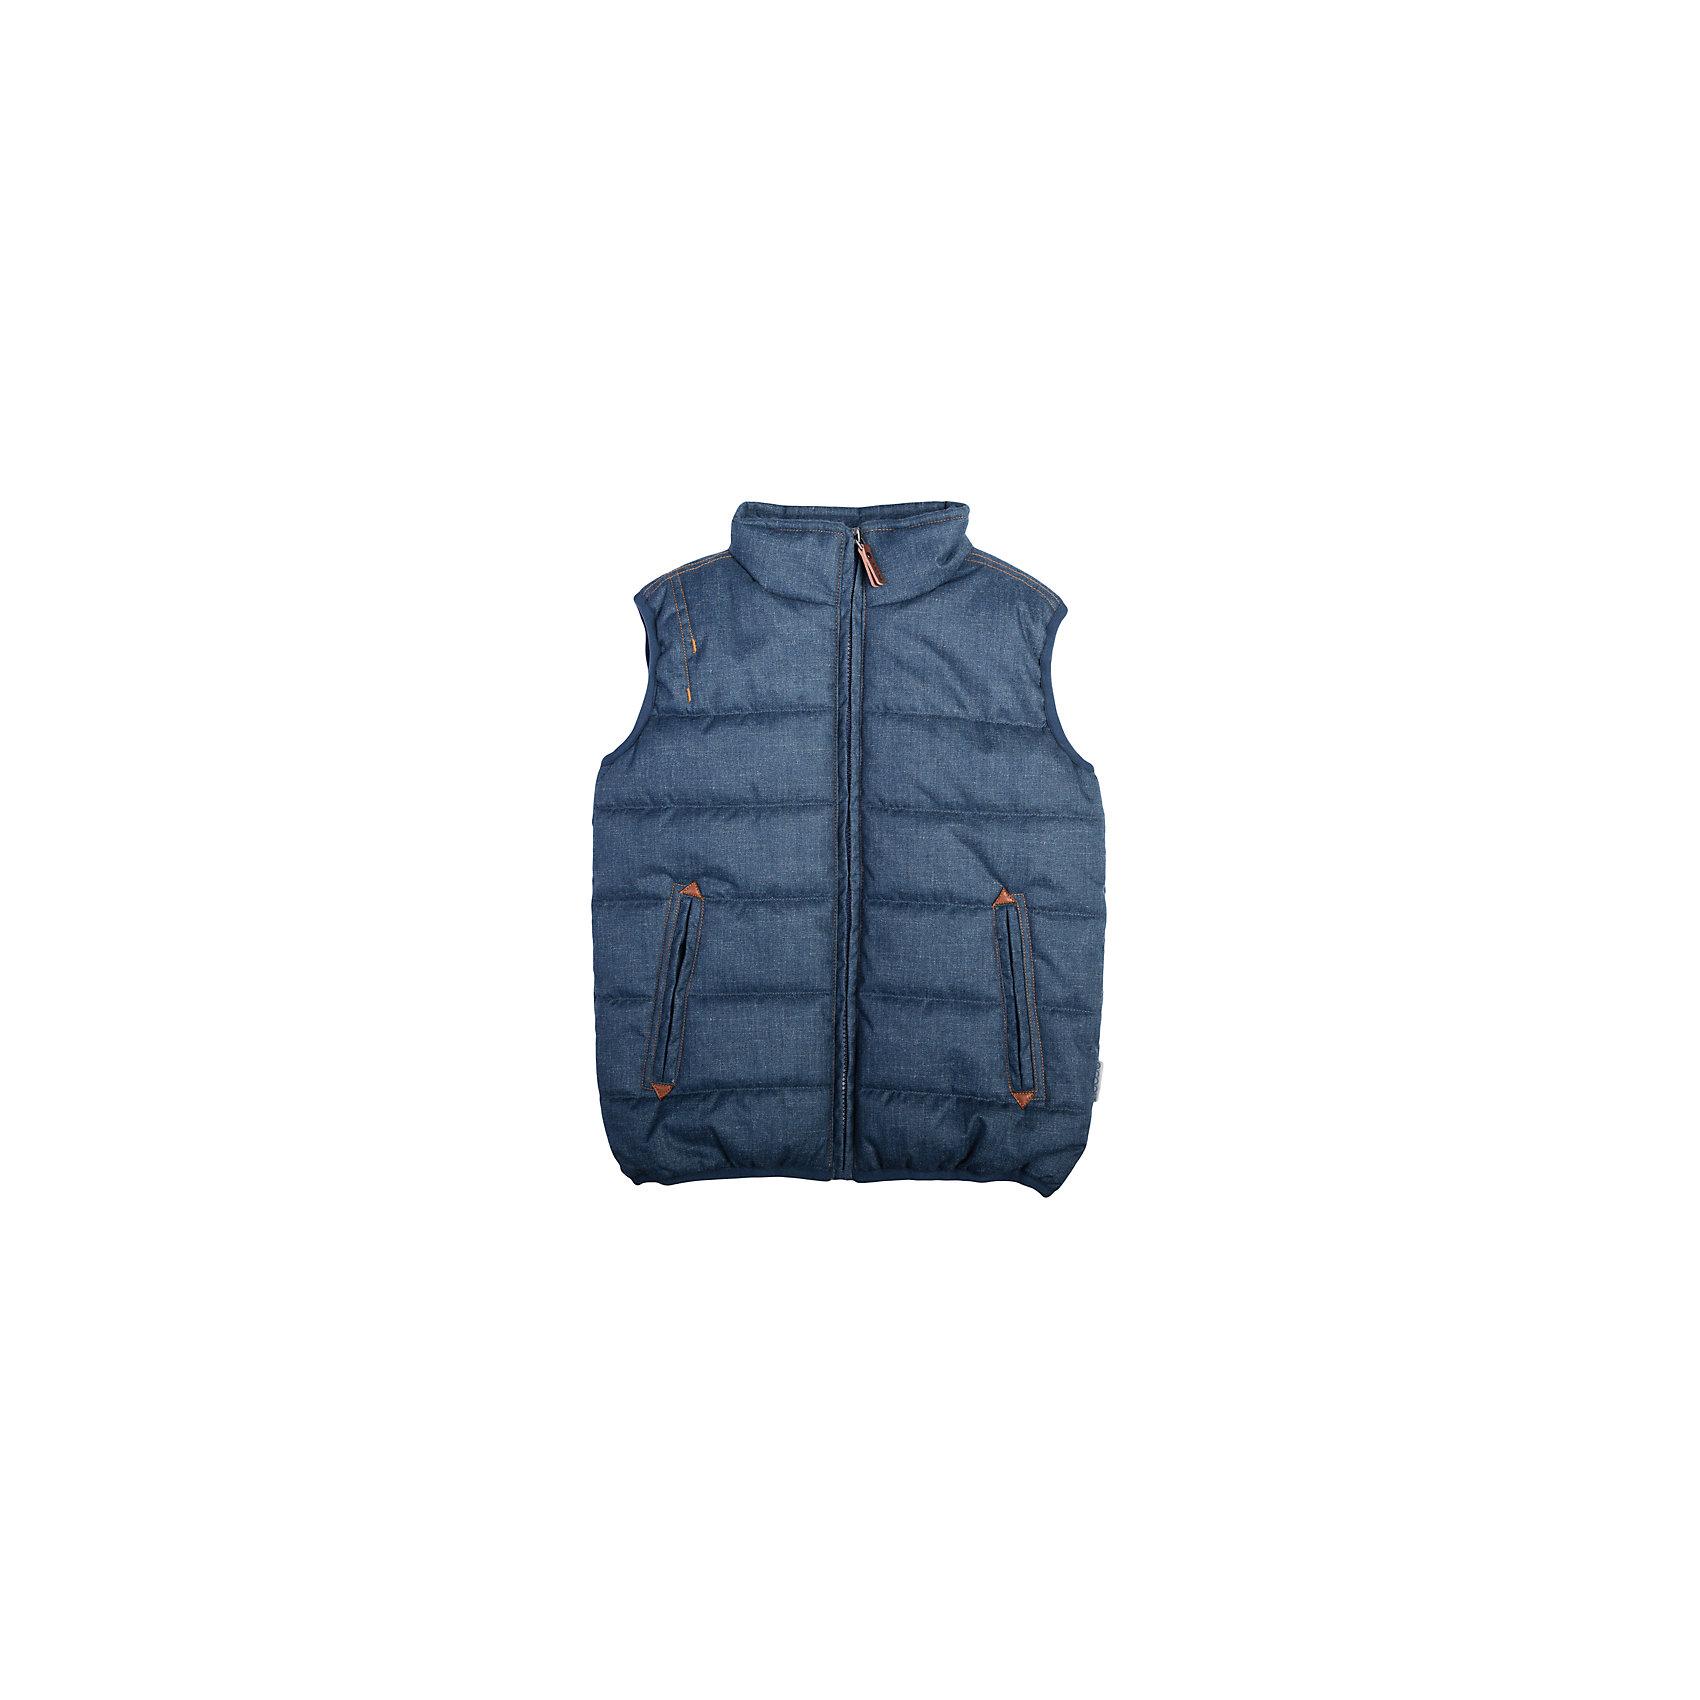 Жилет для мальчика ScoolВерхняя одежда<br>Жилет для мальчика из коллекции «Скорость» от известного бренда Scool. Стильный и удобный  стеганый жилет на осень/весну. Приятный дизайн «под джинсовую ткань» сочетается с кожаными деталями и придет по вкусу вашему ребенку. У куртки имеются два удобных кармана, высокий воротник защитит от ветра и холода. Стиль жилета позволяет носить с ним как классические вещи, так и спортивные.<br><br>Дополнительная информация:<br>- Силуэт: прямой<br>- Длина: средняя<br><br>Состав: Верх: 100% полиэстер, Подкладка: 100% полиэстер, Наполнитель: 100% полиэстер, 250 г/м2<br><br>Жилет для мальчика Scool можно купить в нашем интернет-магазине.<br><br>Подробнее:<br>• Для детей в возрасте: от 8 до 14 лет<br>• Номер товара: 4911395<br>Страна производитель: Китай<br><br>Ширина мм: 356<br>Глубина мм: 10<br>Высота мм: 245<br>Вес г: 519<br>Цвет: синий<br>Возраст от месяцев: 120<br>Возраст до месяцев: 132<br>Пол: Мужской<br>Возраст: Детский<br>Размер: 146,134,158,140,152,164<br>SKU: 4911394